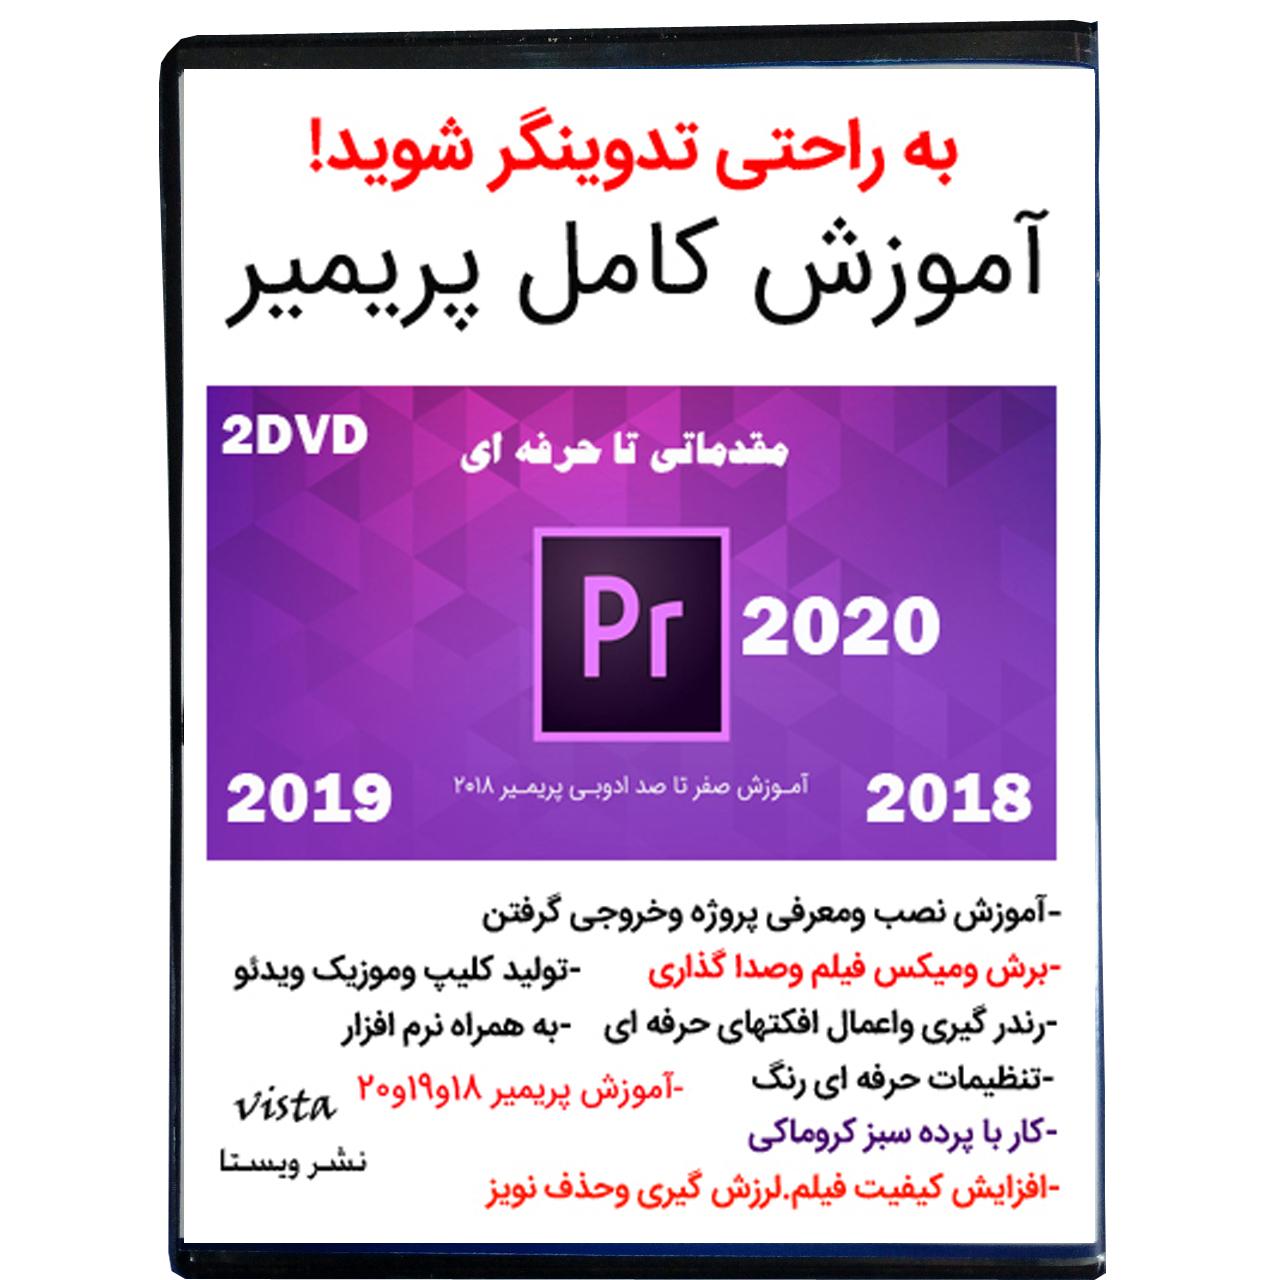 نرم افزار آموزش کامل پریمیر 2019 نشر ویستا